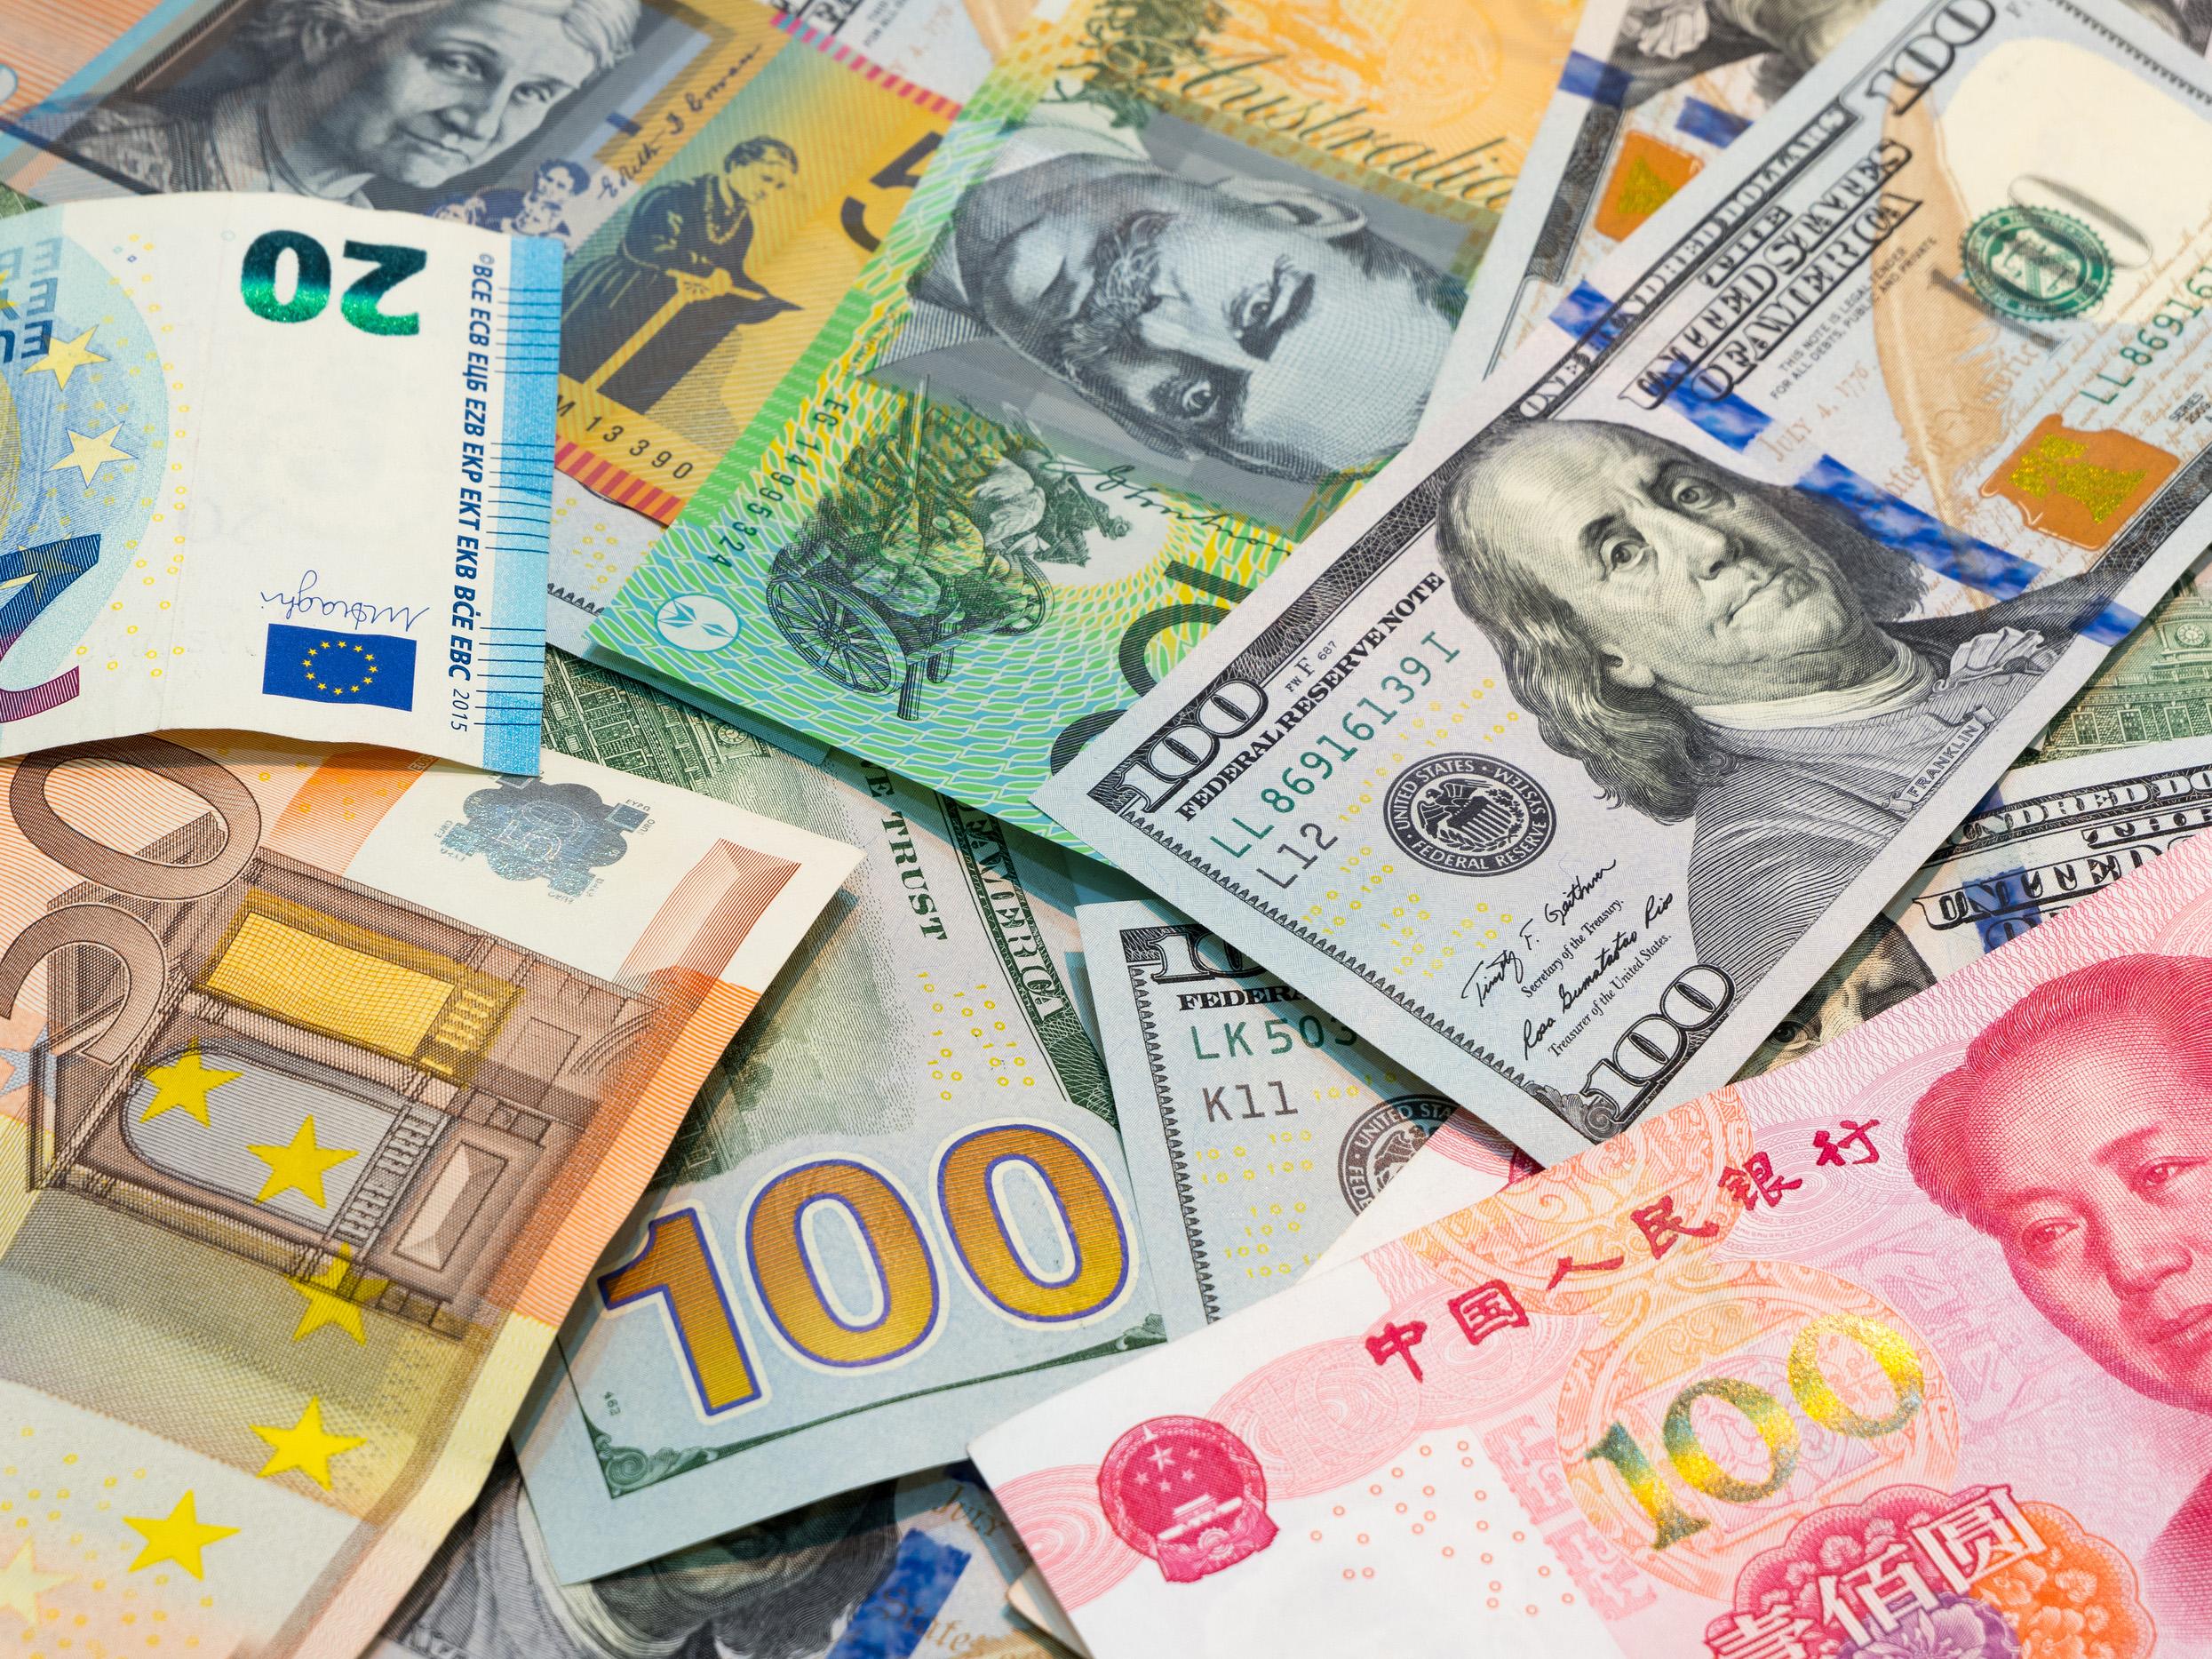 Triển vọng EUR GBP JPY AUD vàng bạc và dầu thô